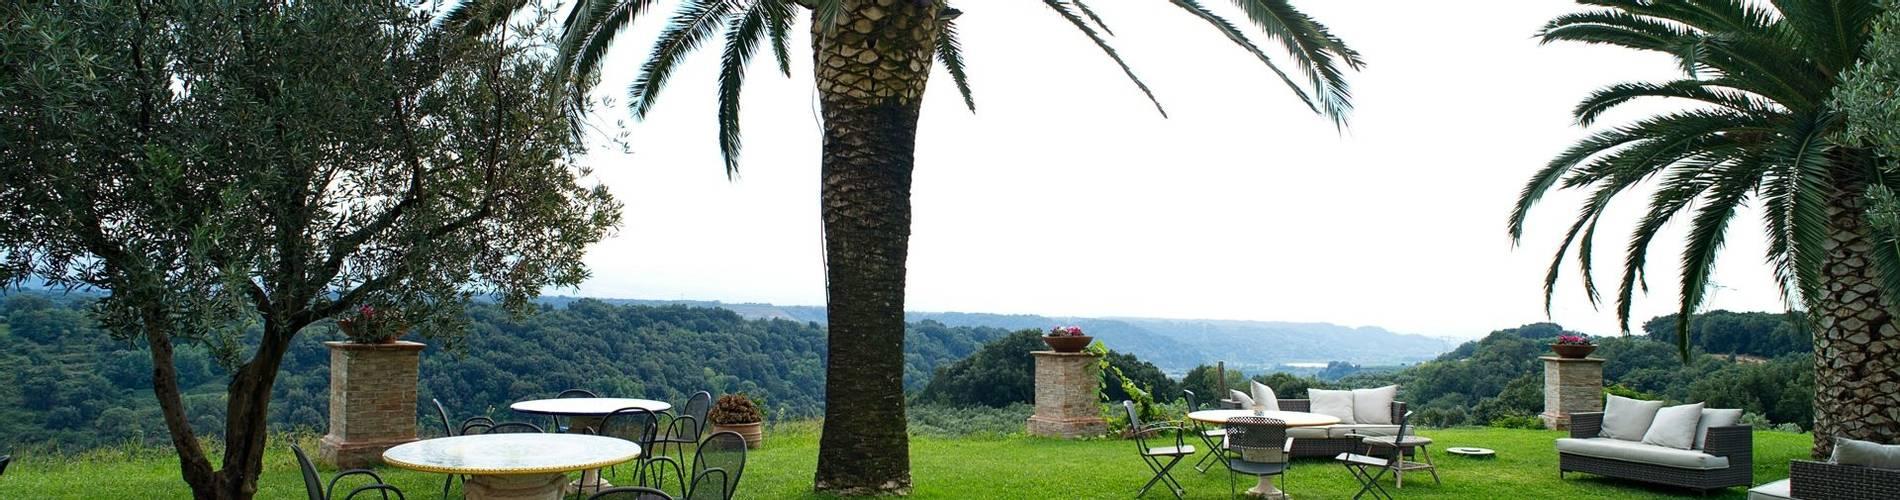 Il Casale, Calabria, Italy (13).jpg